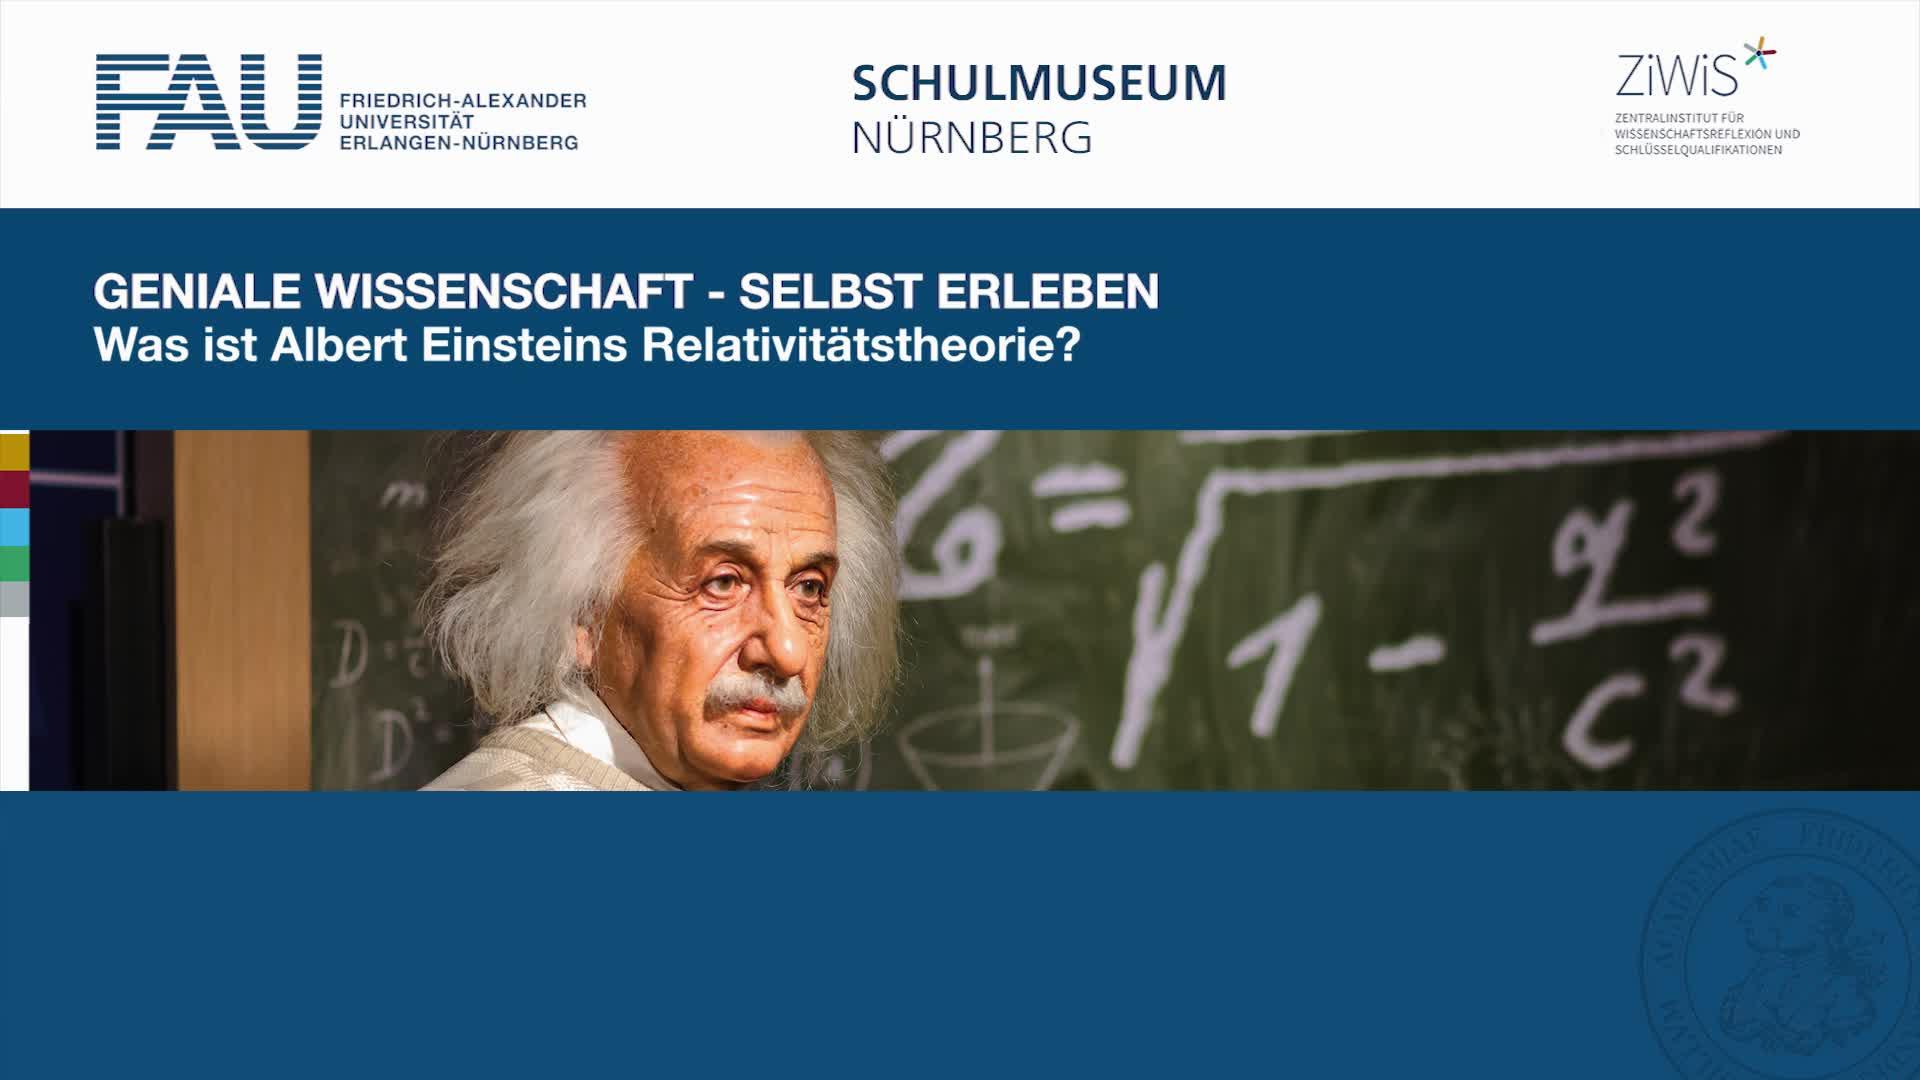 Was ist Albert Einsteins Relativitätstheorie? preview image